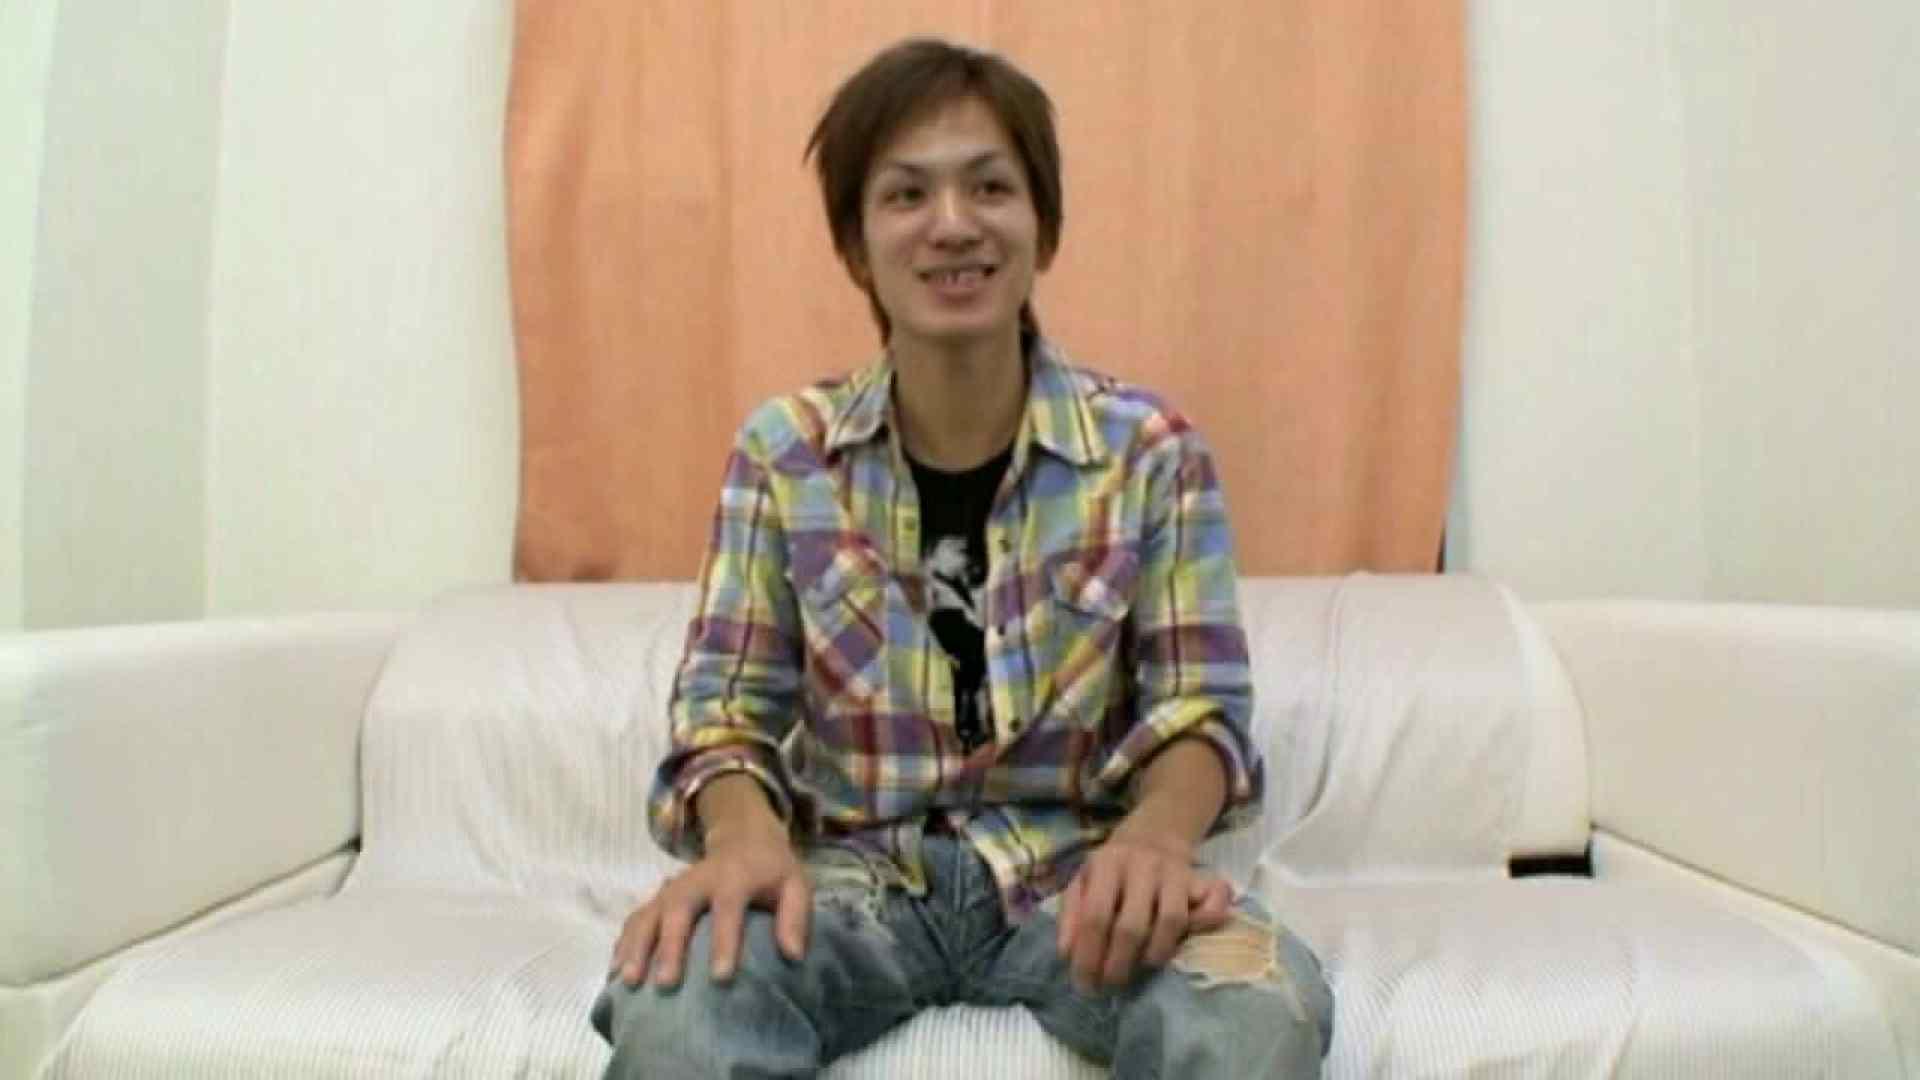 ノンケ!自慰スタジオ No.03 ゲイの自慰 ゲイセックス画像 58pic 15